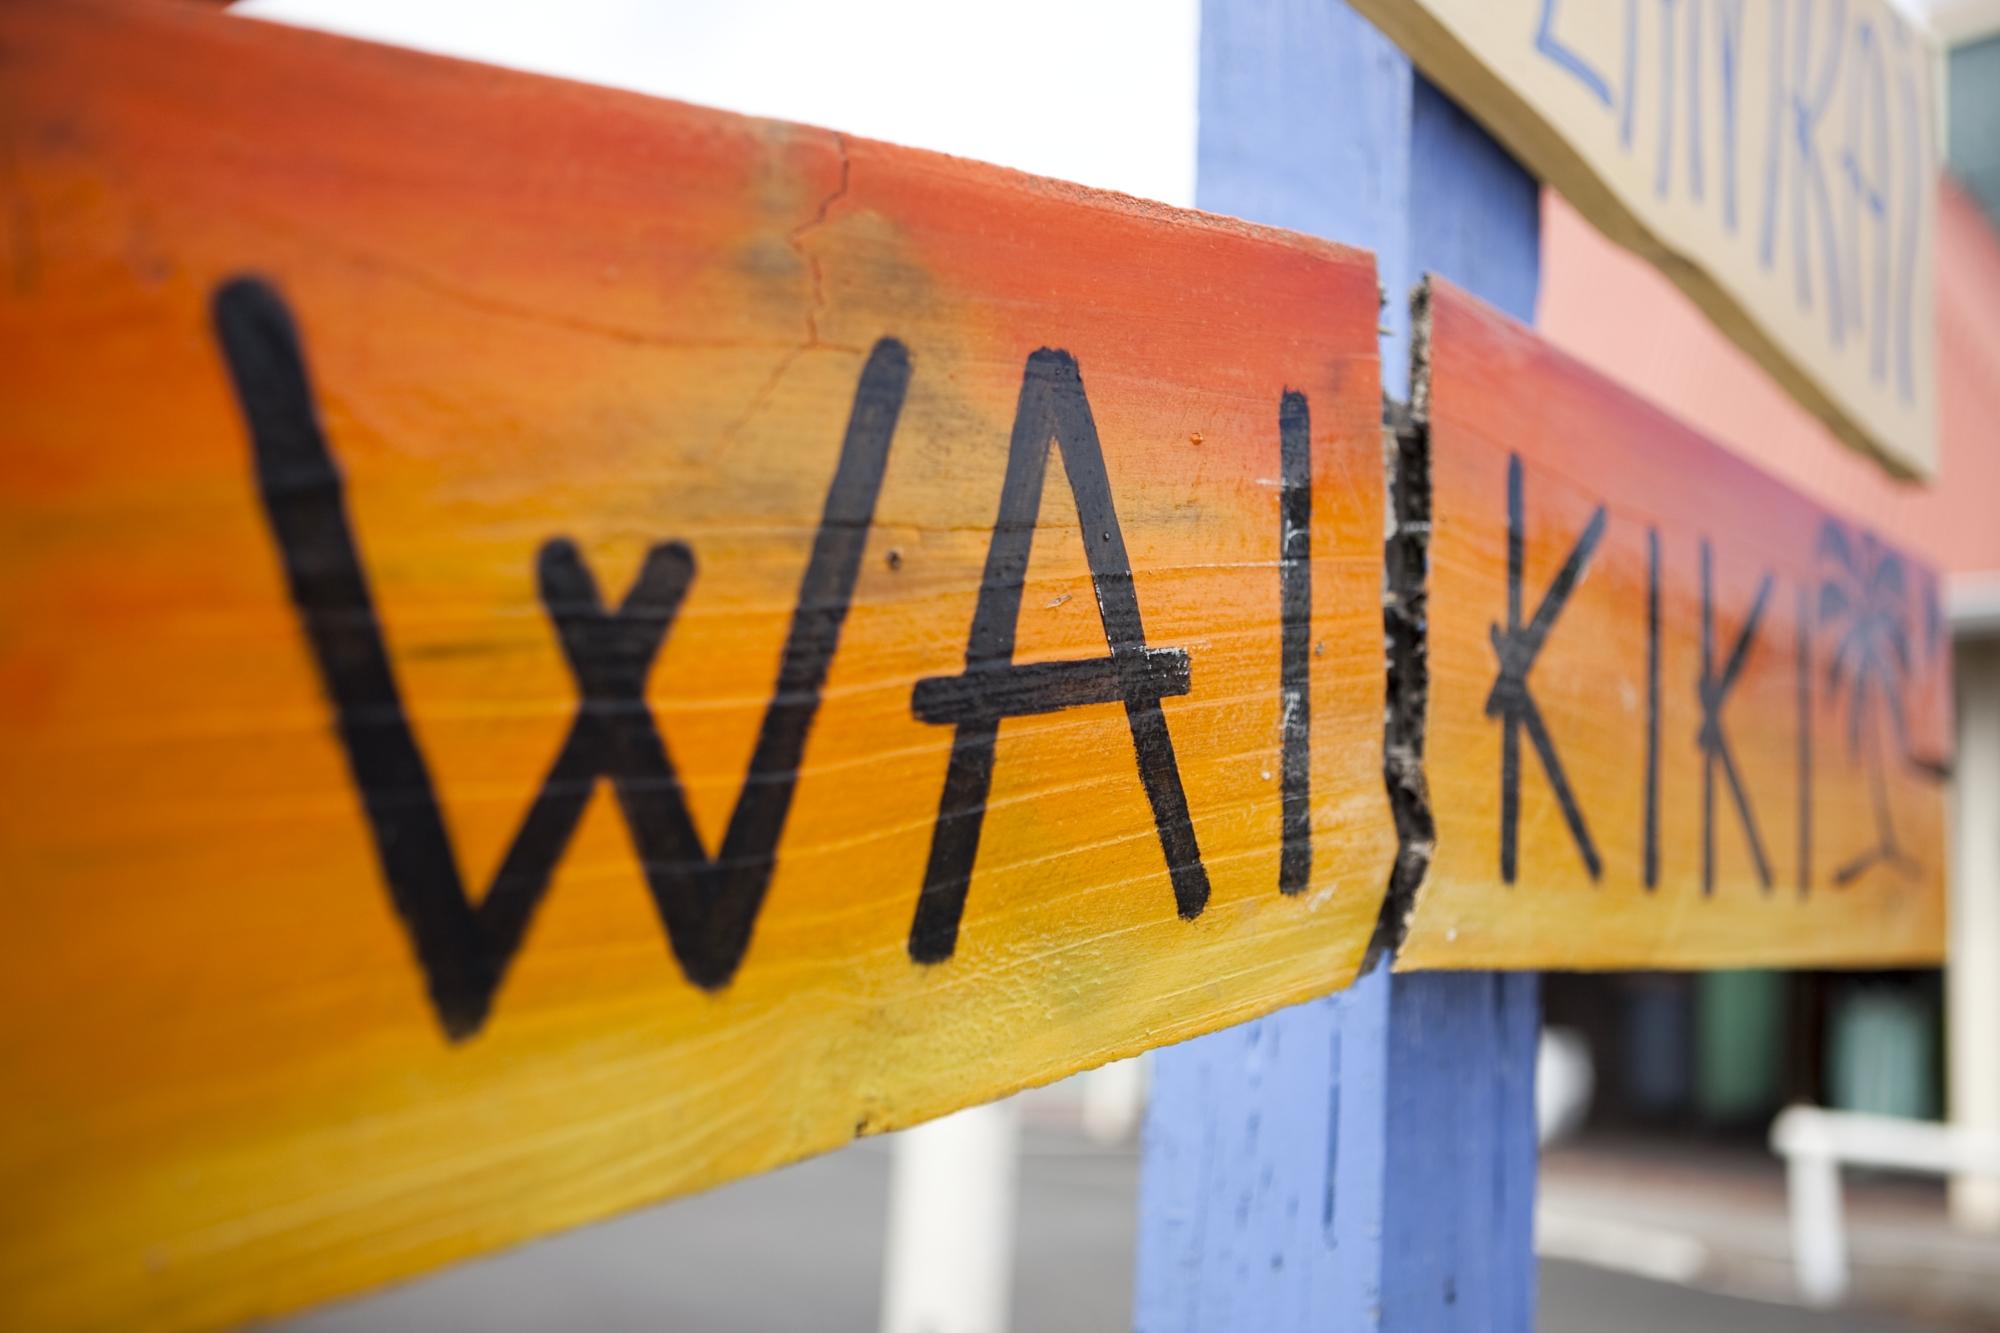 Hawaii-Tourism-Waikiki-Sign